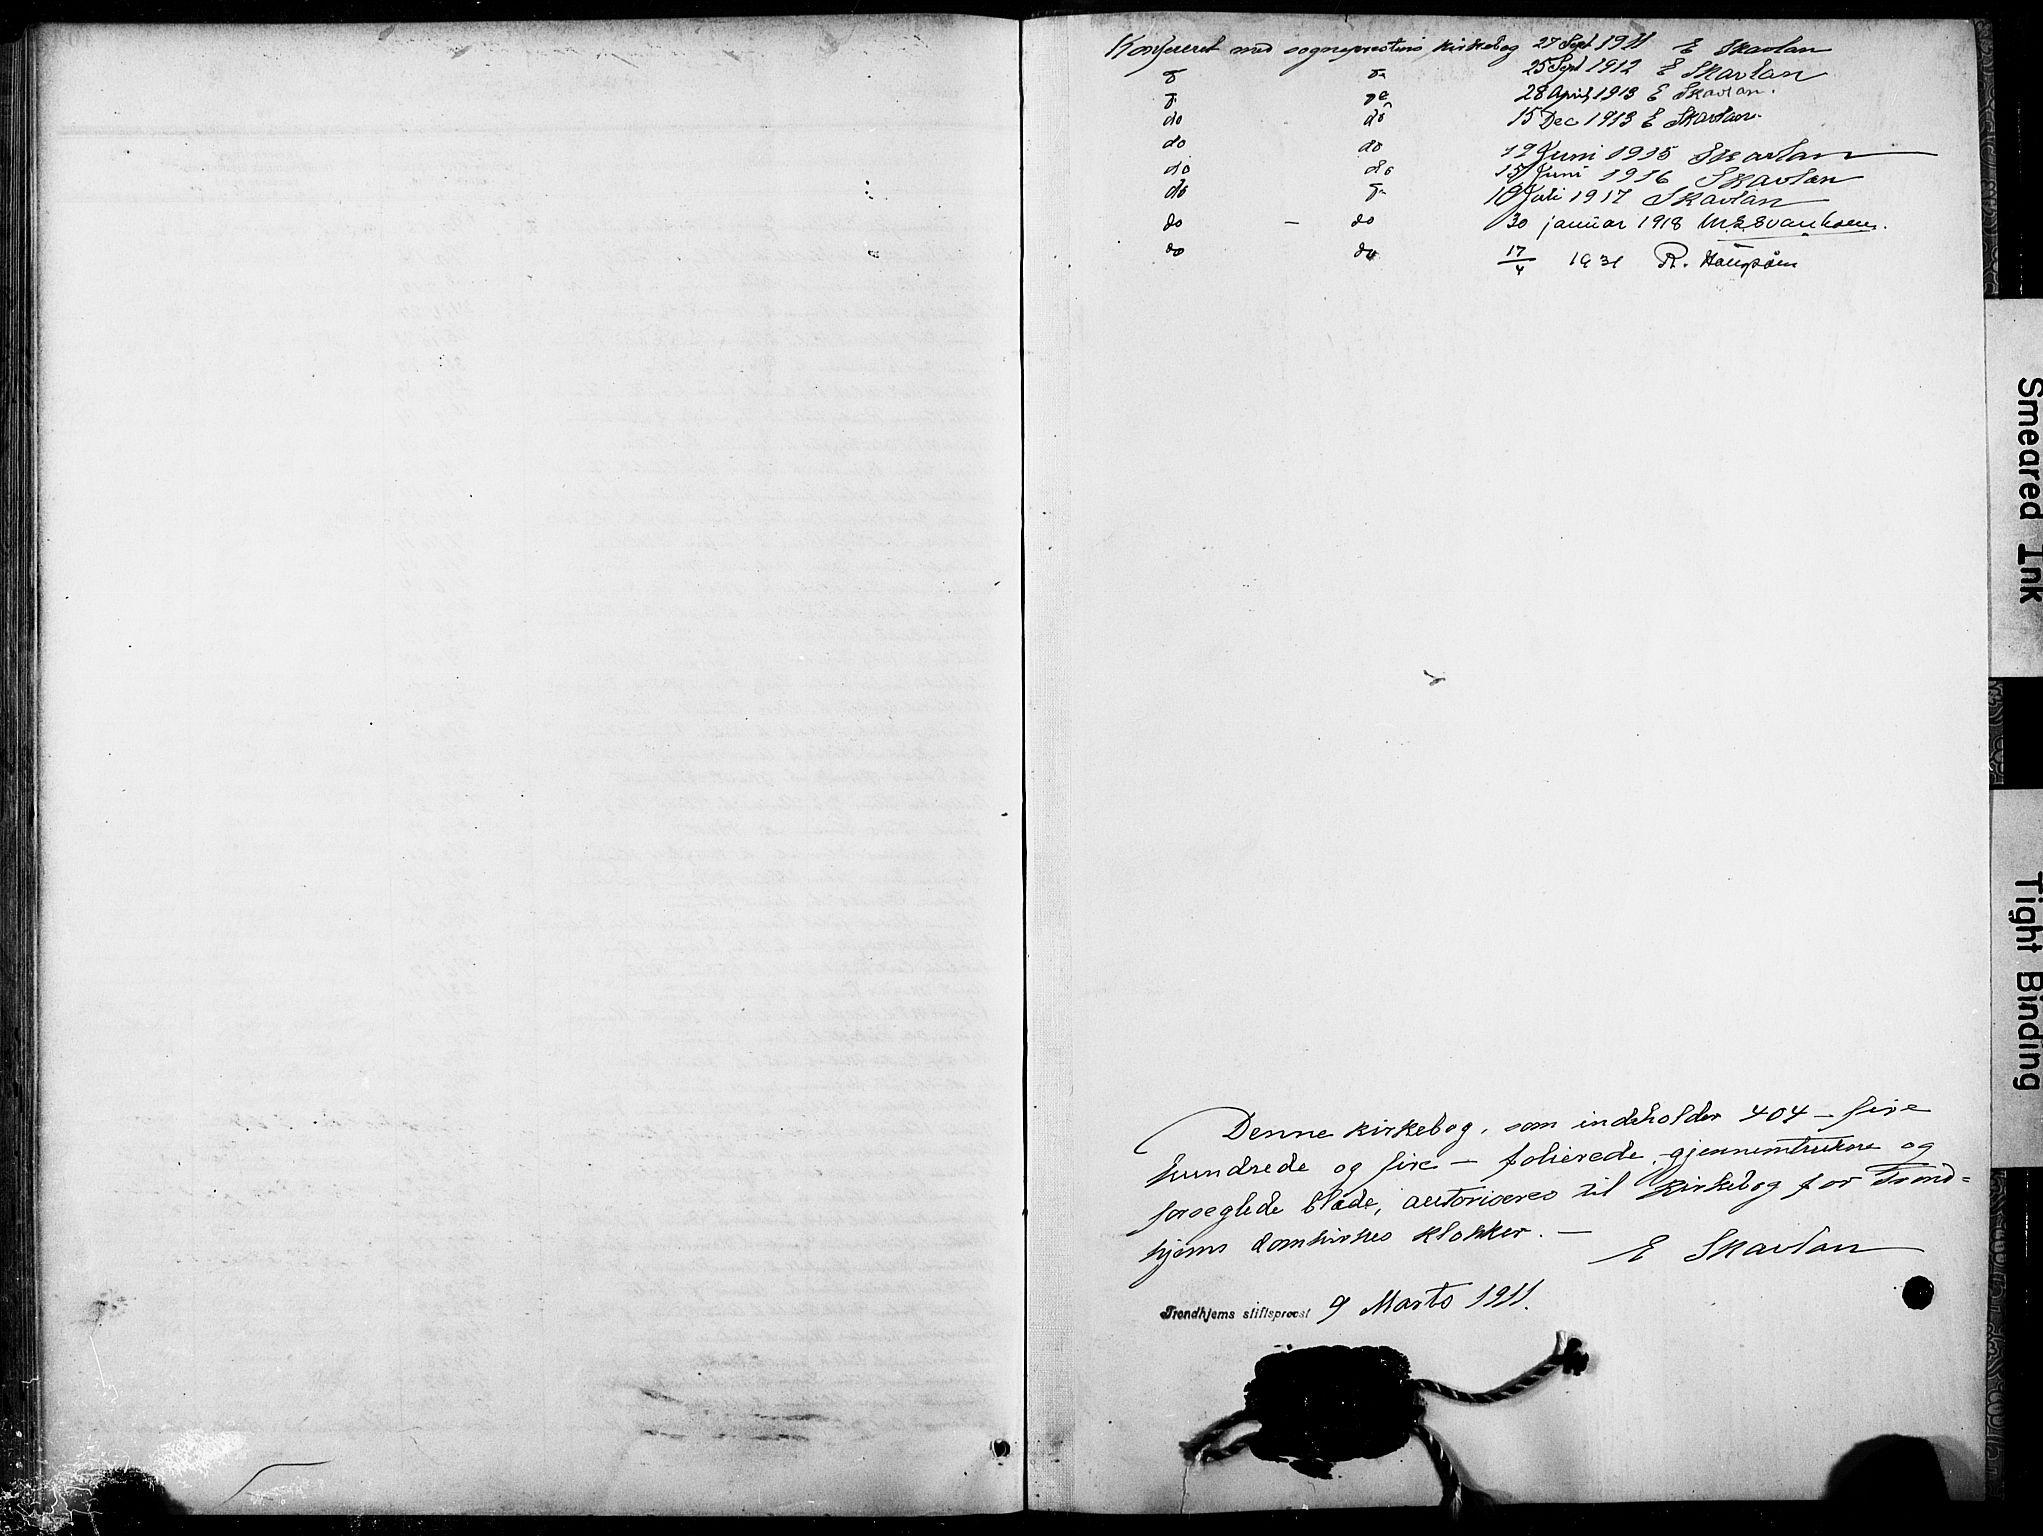 SAT, Ministerialprotokoller, klokkerbøker og fødselsregistre - Sør-Trøndelag, 601/L0096: Klokkerbok nr. 601C14, 1911-1931